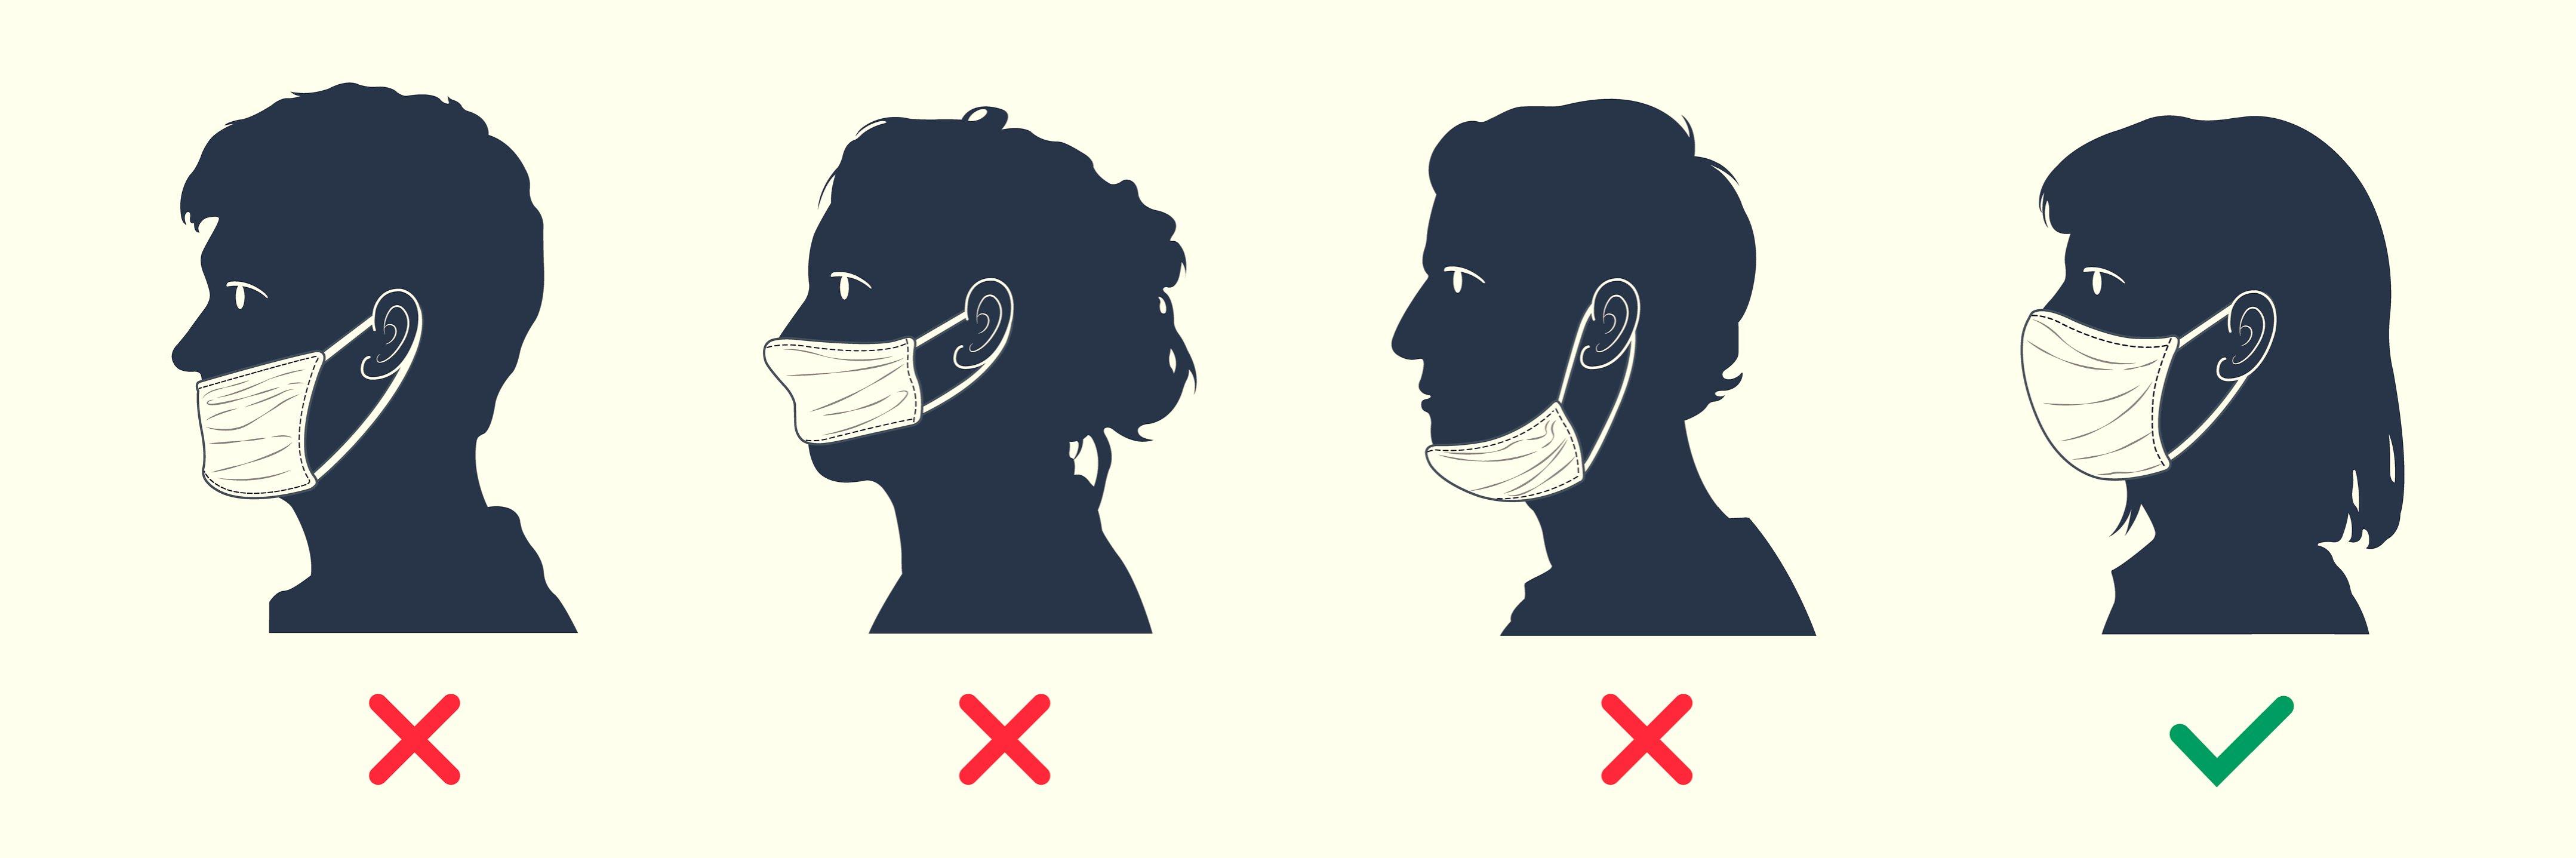 「ざんねんなコロナ対策」医療従事者がツッコミたくなるマスク・手袋の使い方